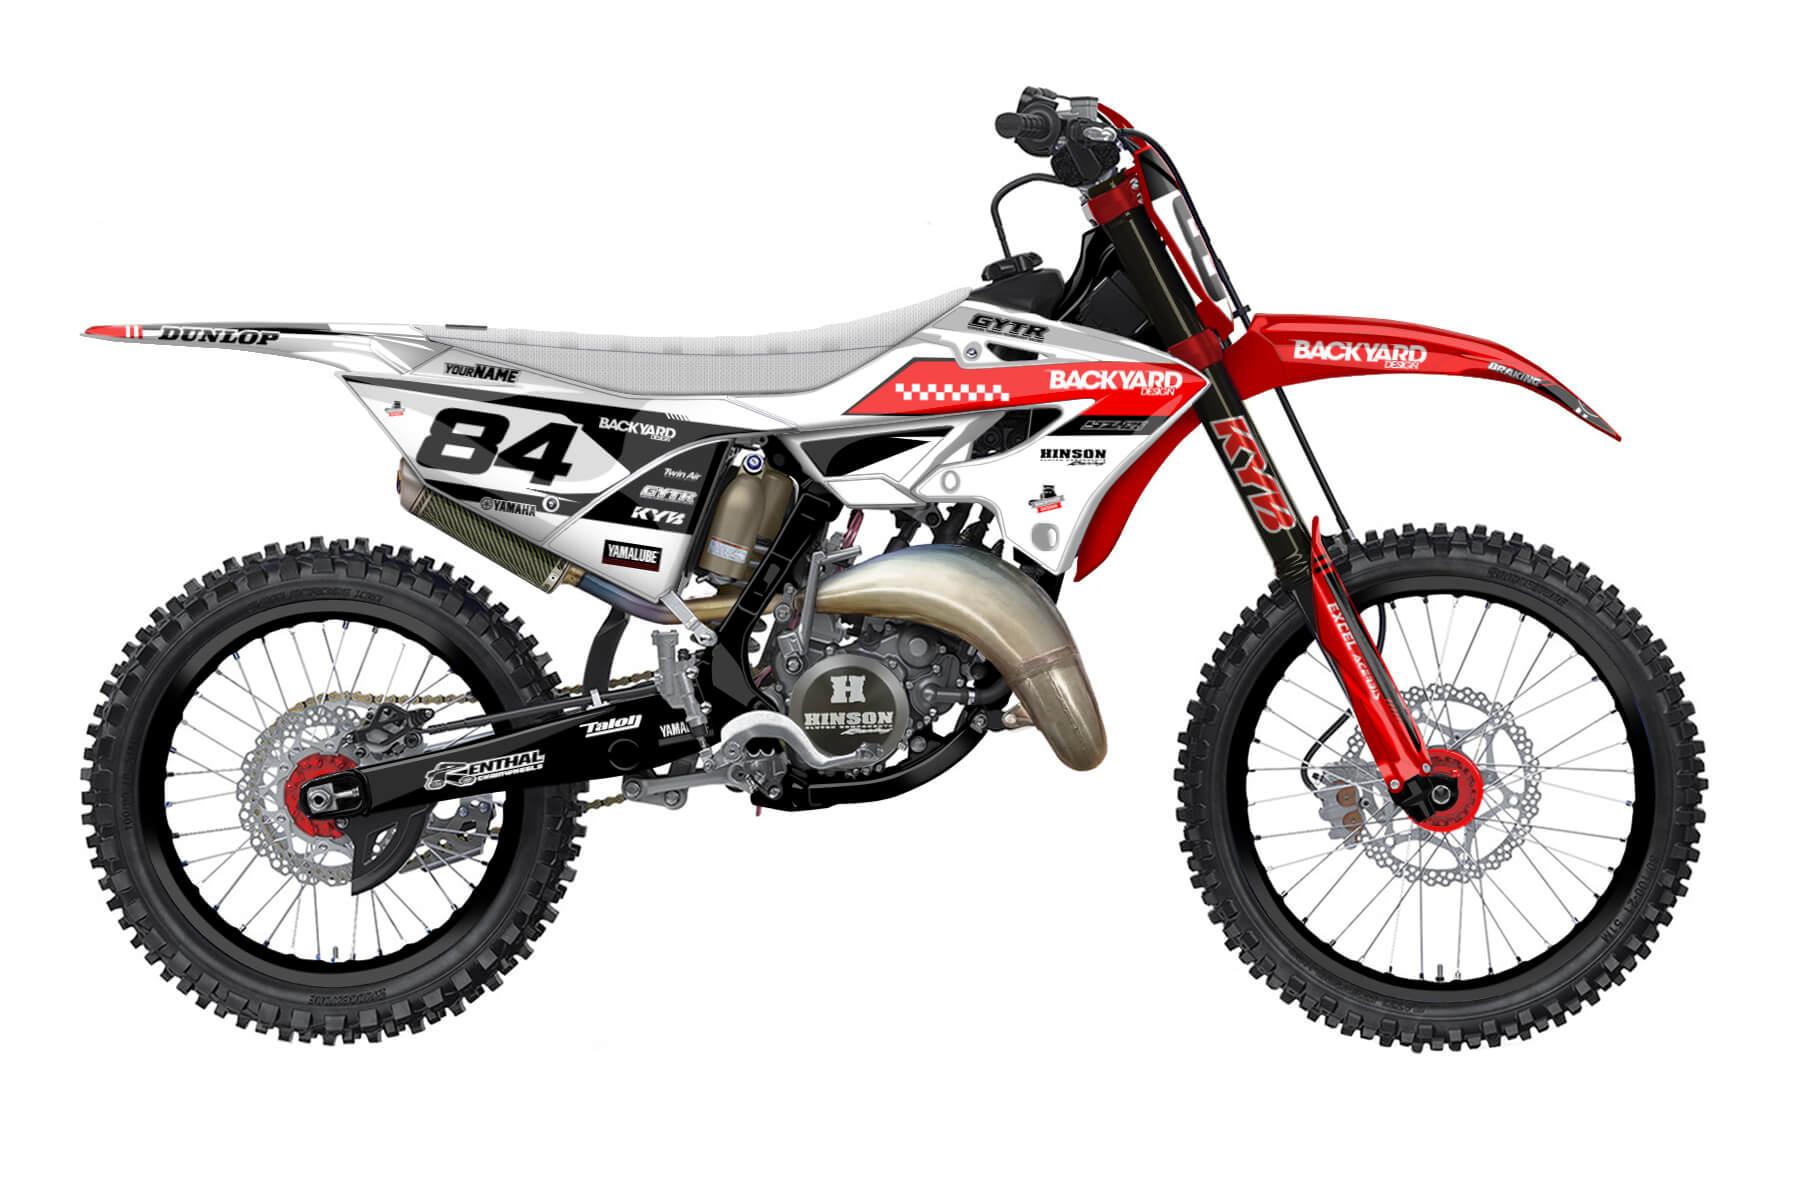 Yamaha YZ 250 - 2022 - Backyard Design - Mx Dekor - Metric Basic